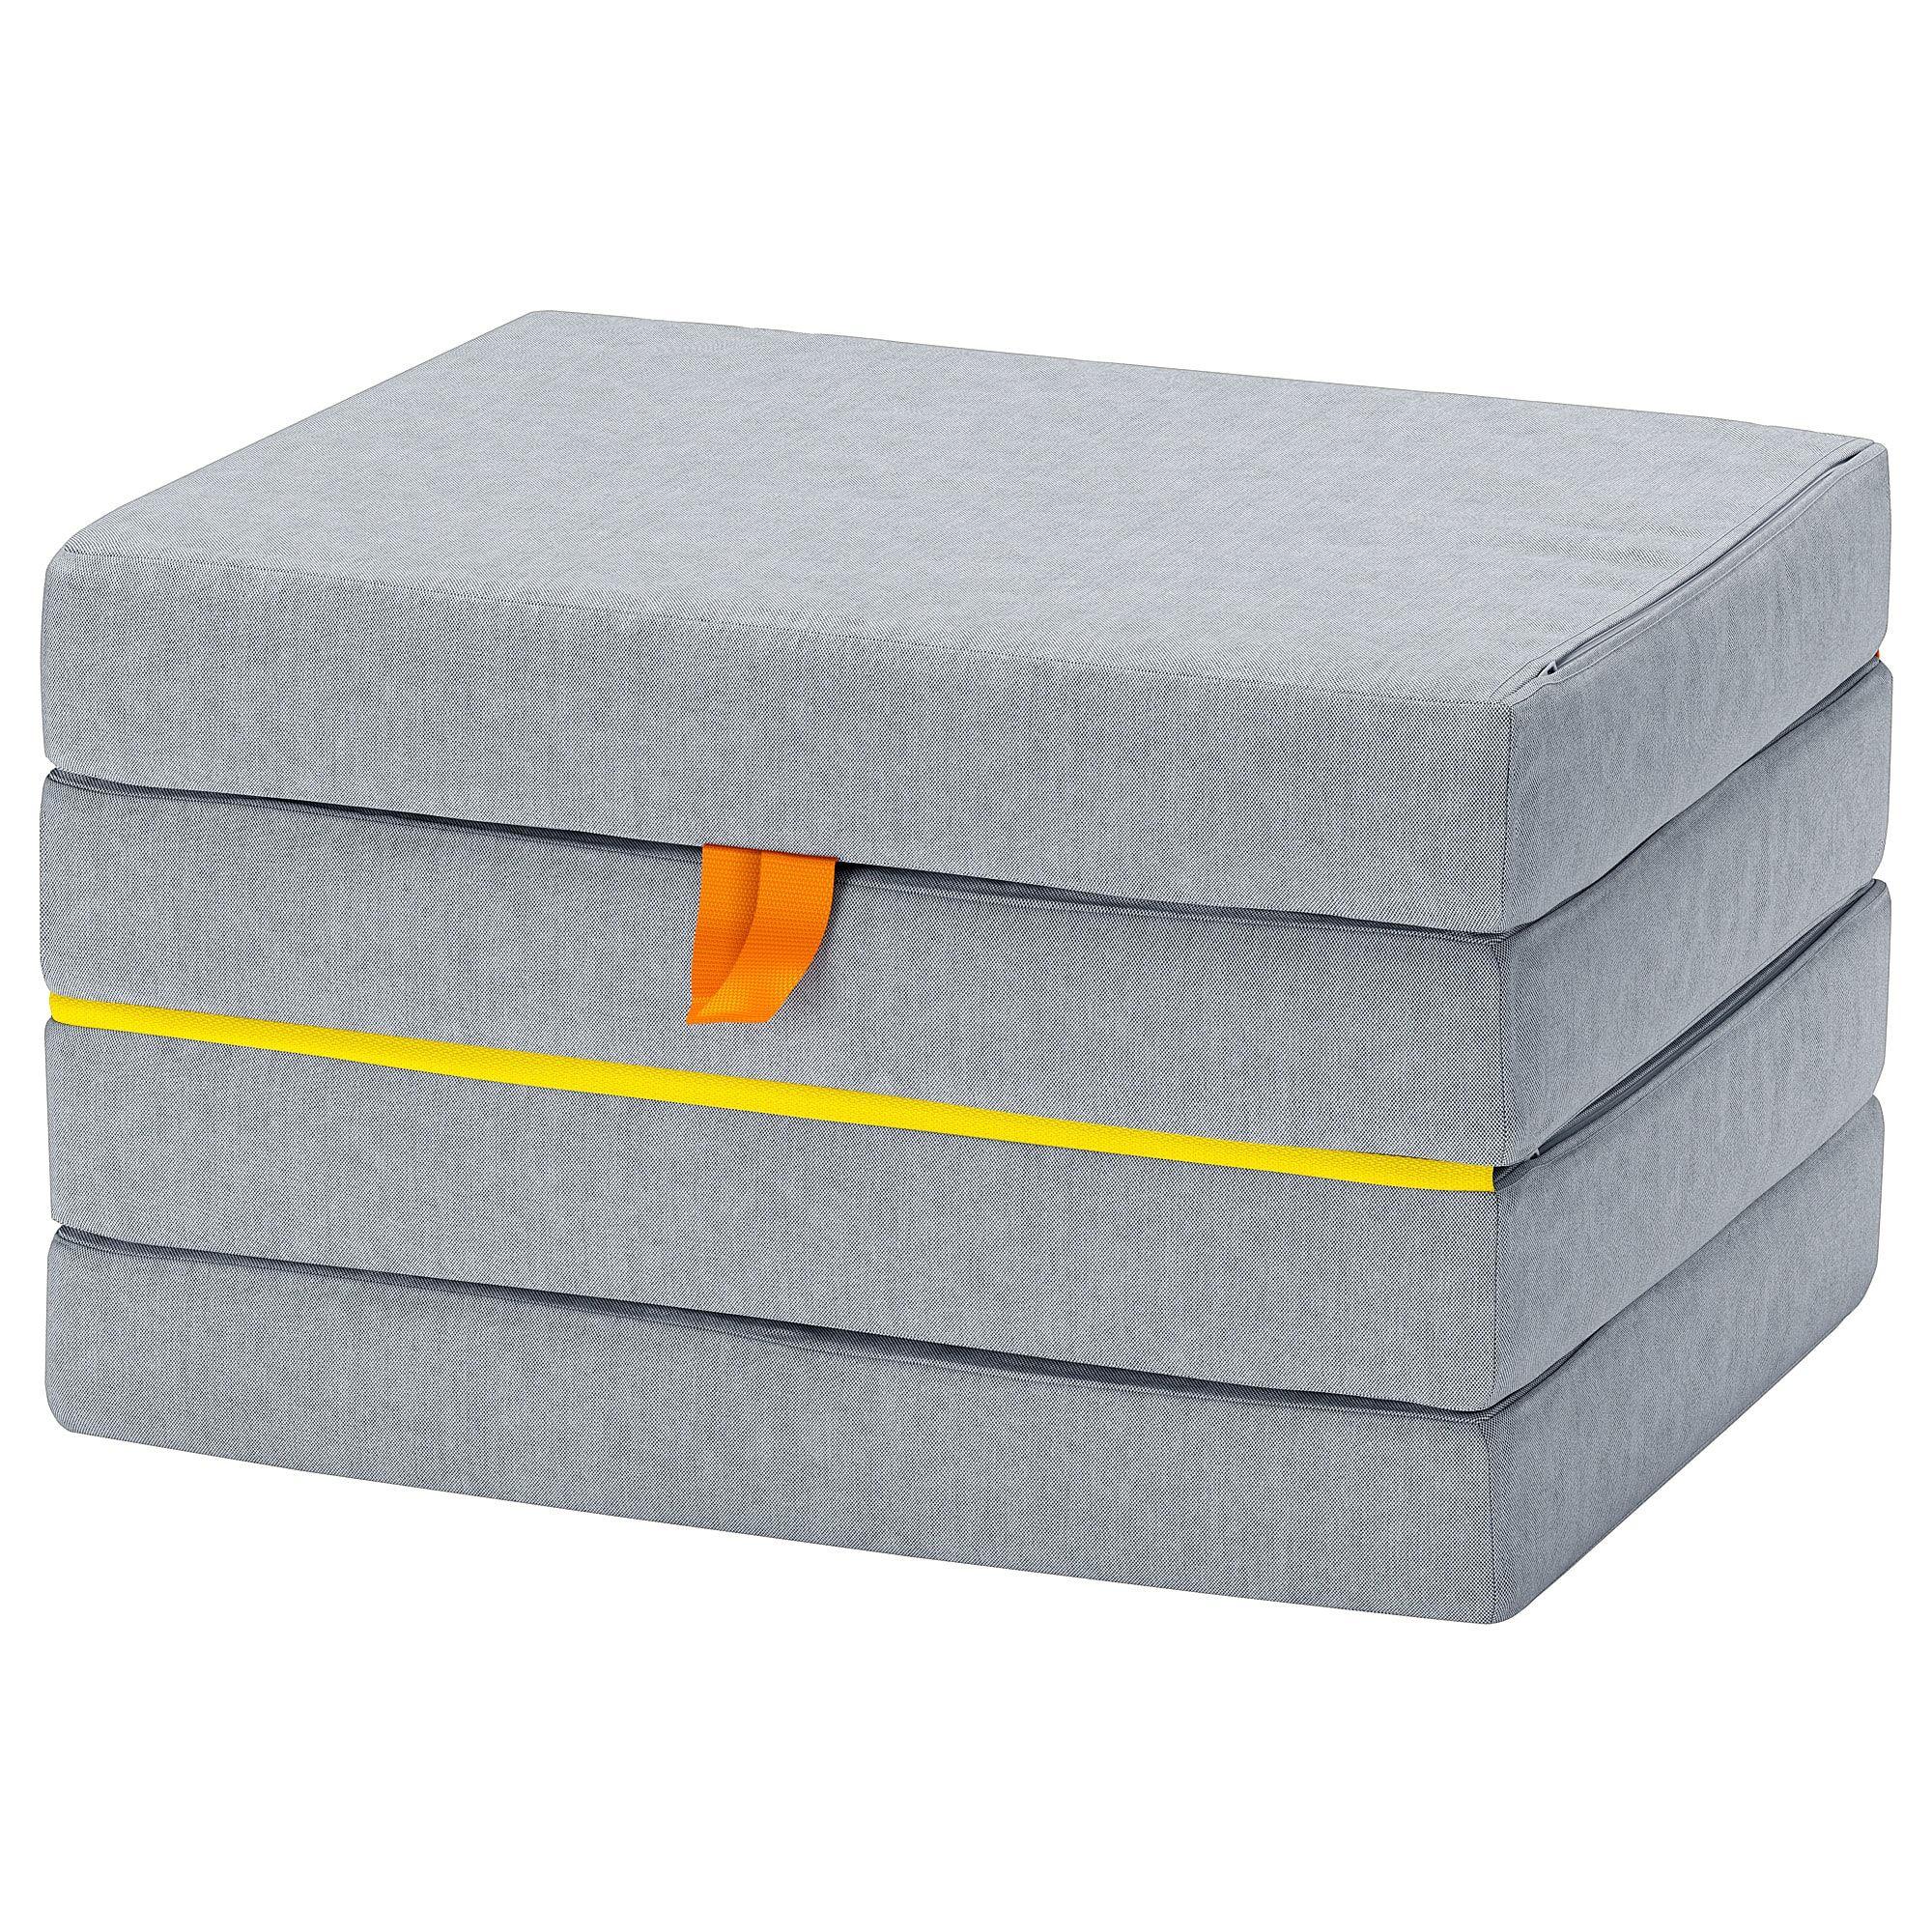 Pouffe Mattress Foldable Släkt In 2019 Ikea Mattress